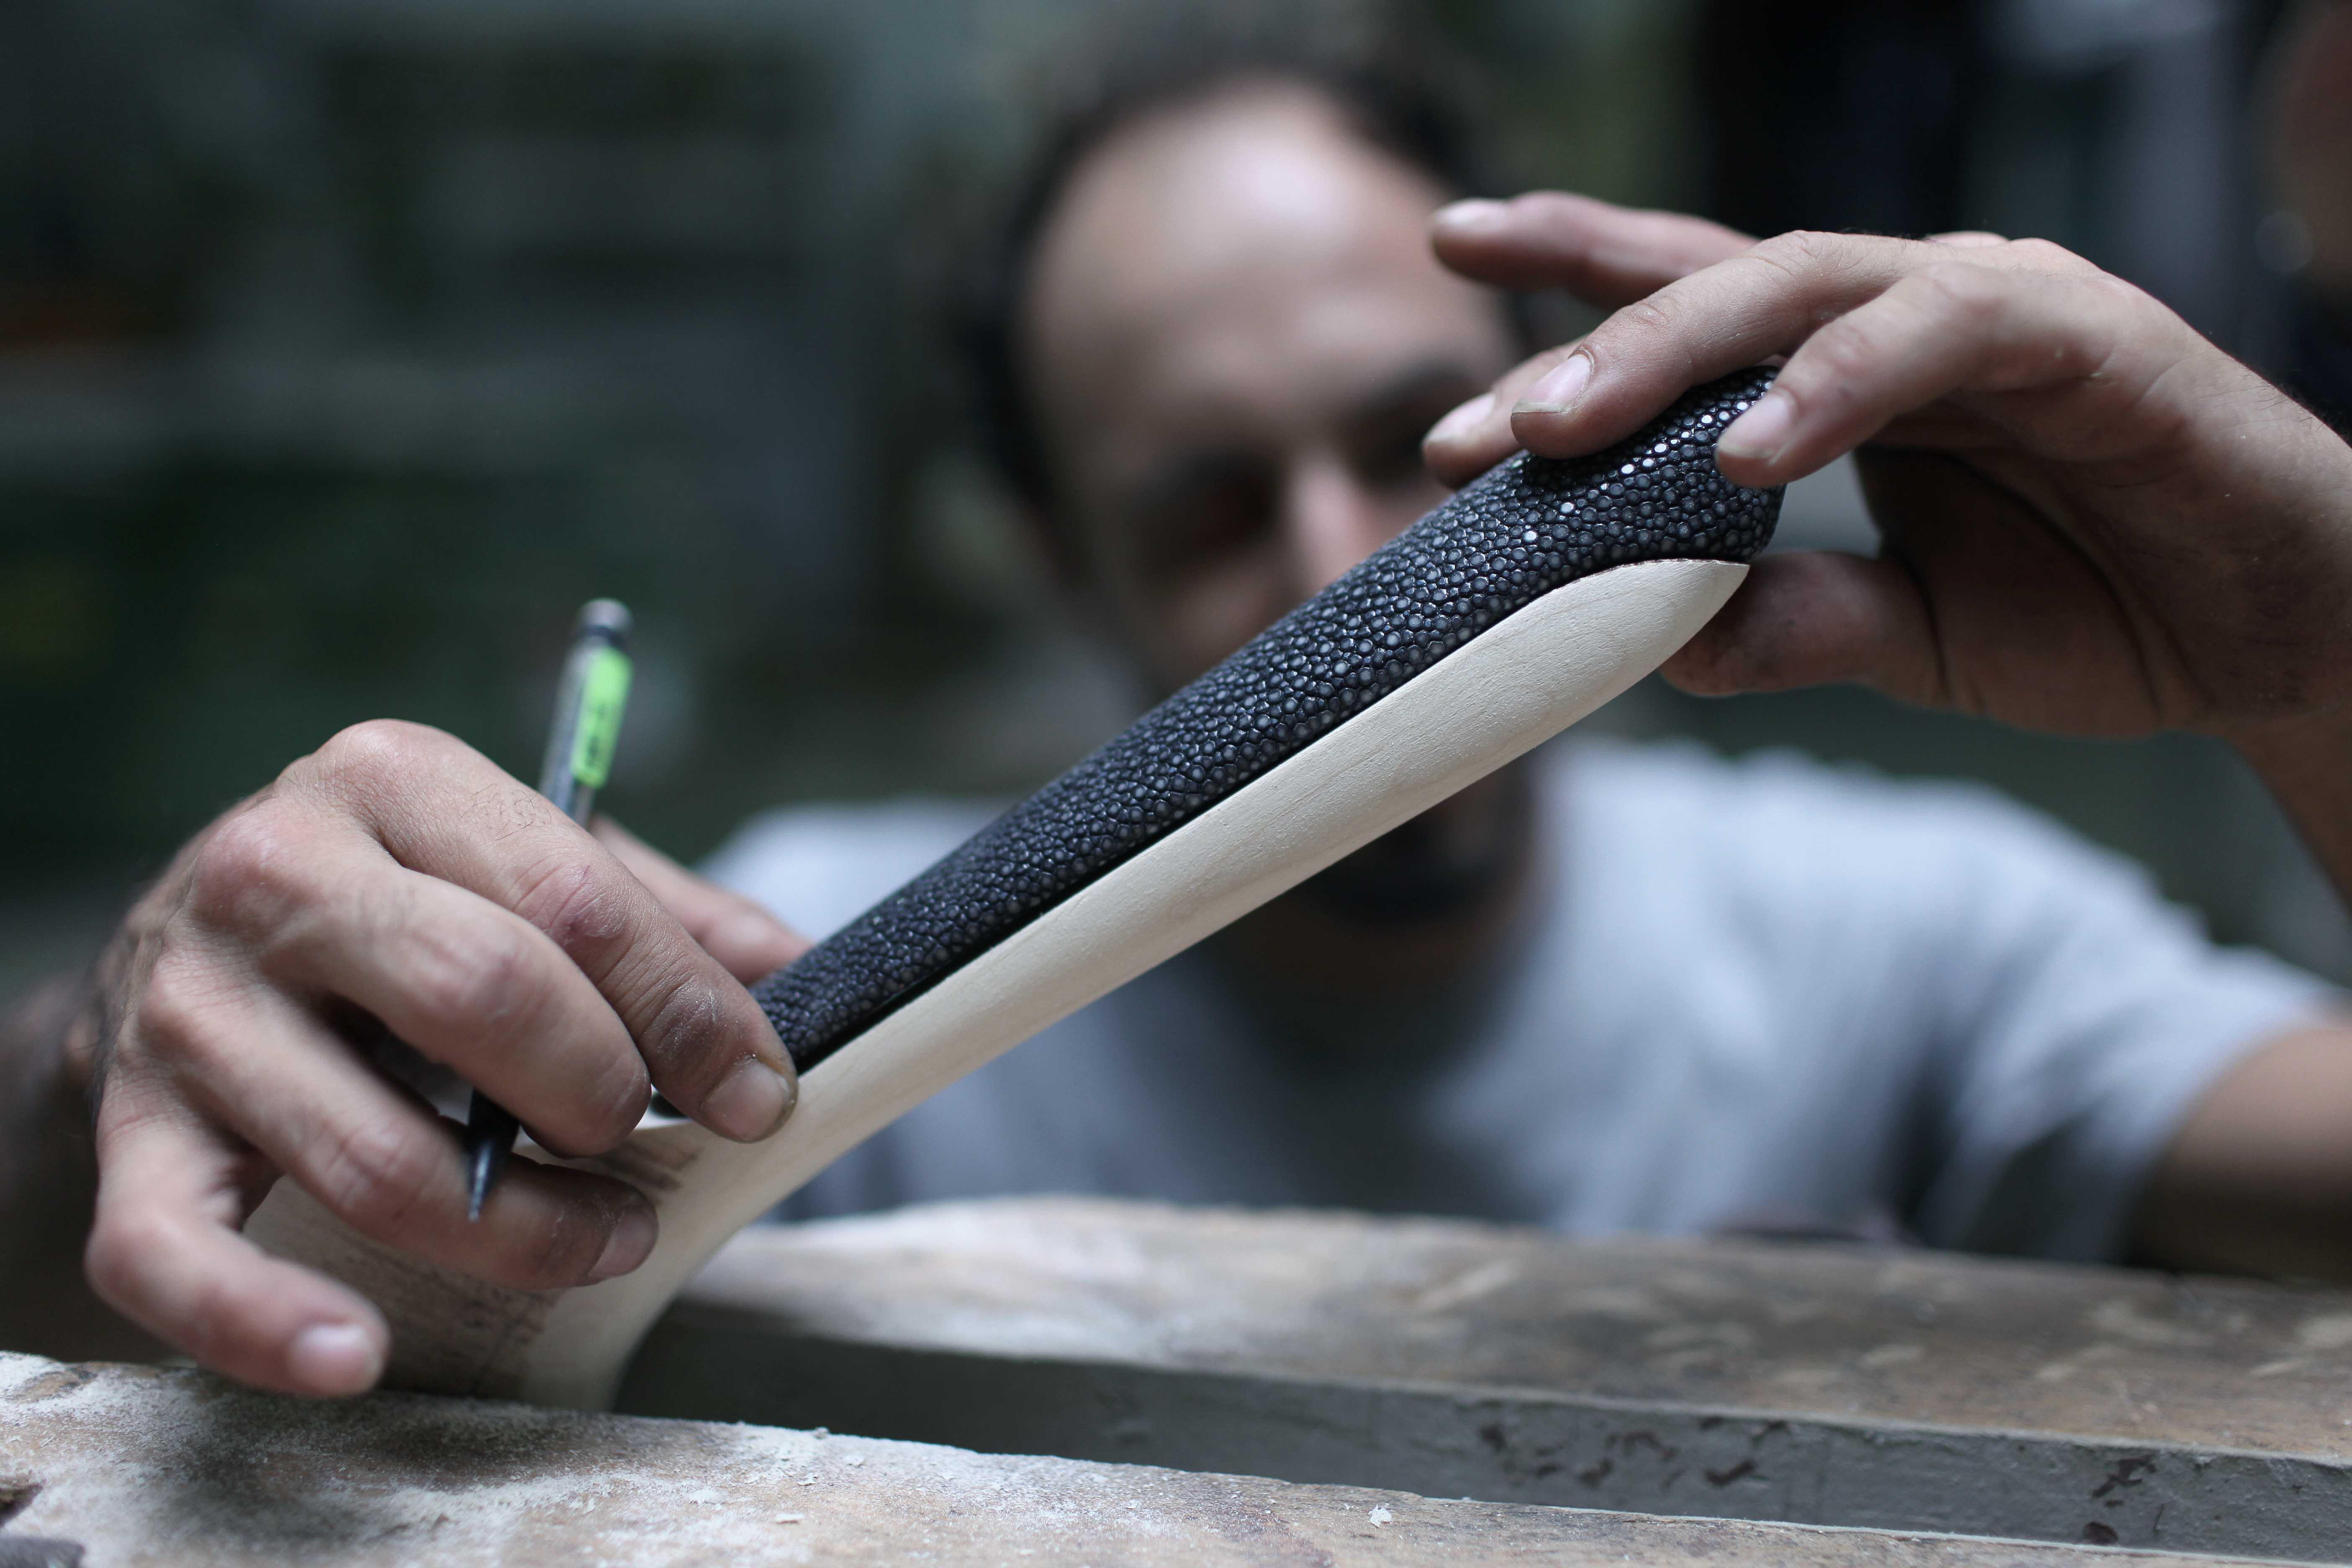 Ebénisterie - artisanat d'art ateliers Le Cintre W - cabinet maker - craftsmanship